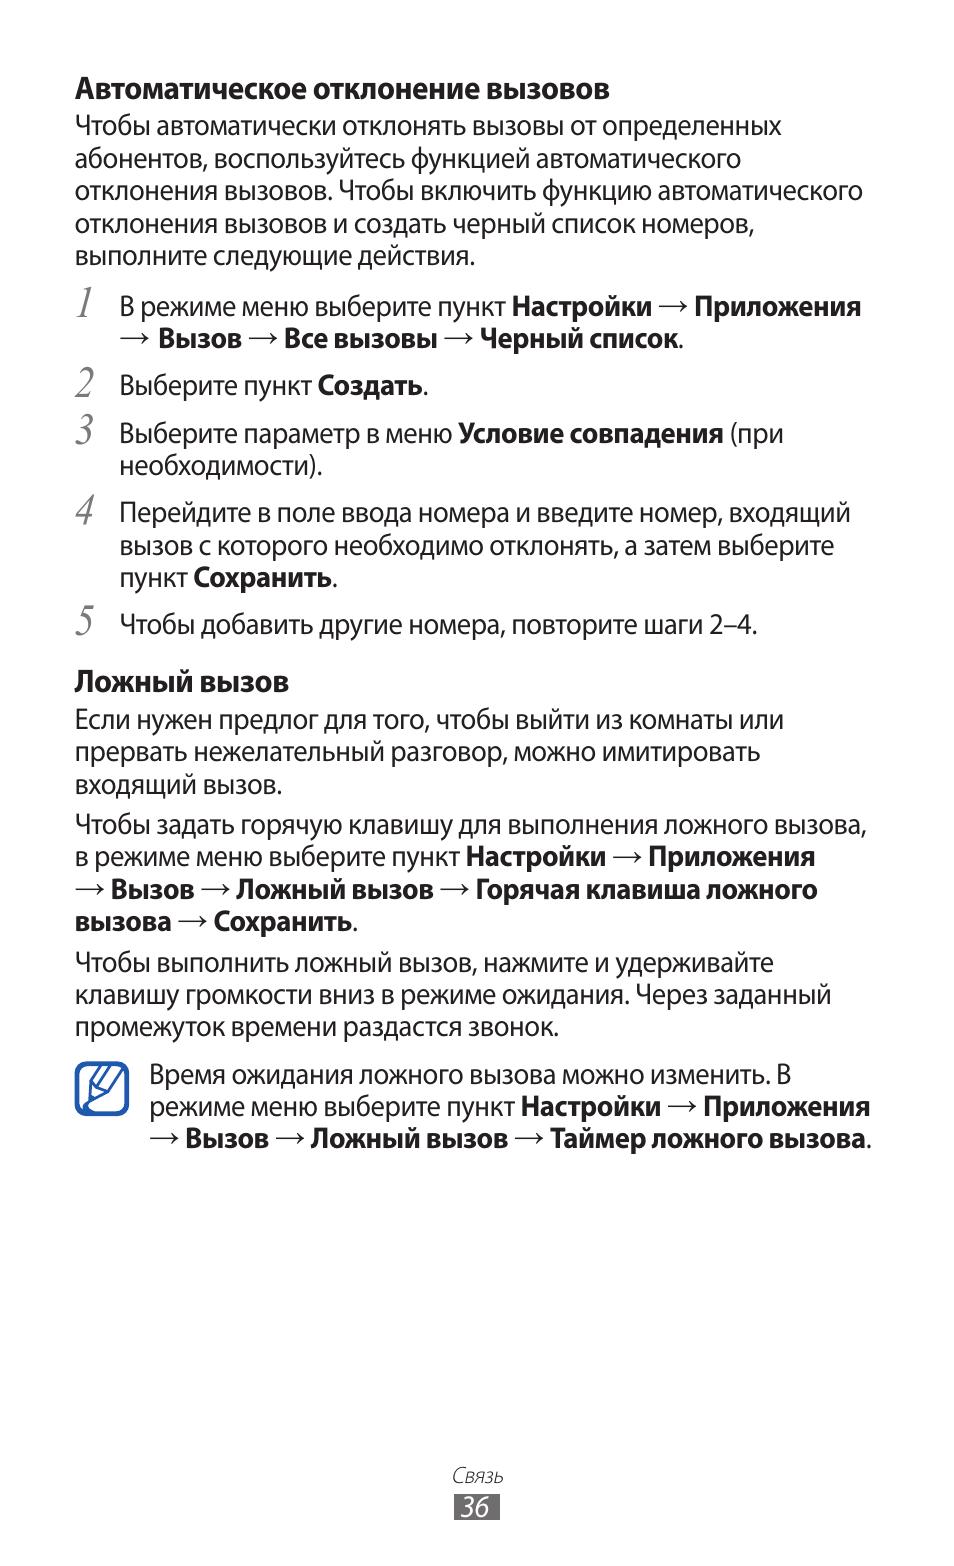 Инструкция по эксплуатации самсунг 6712